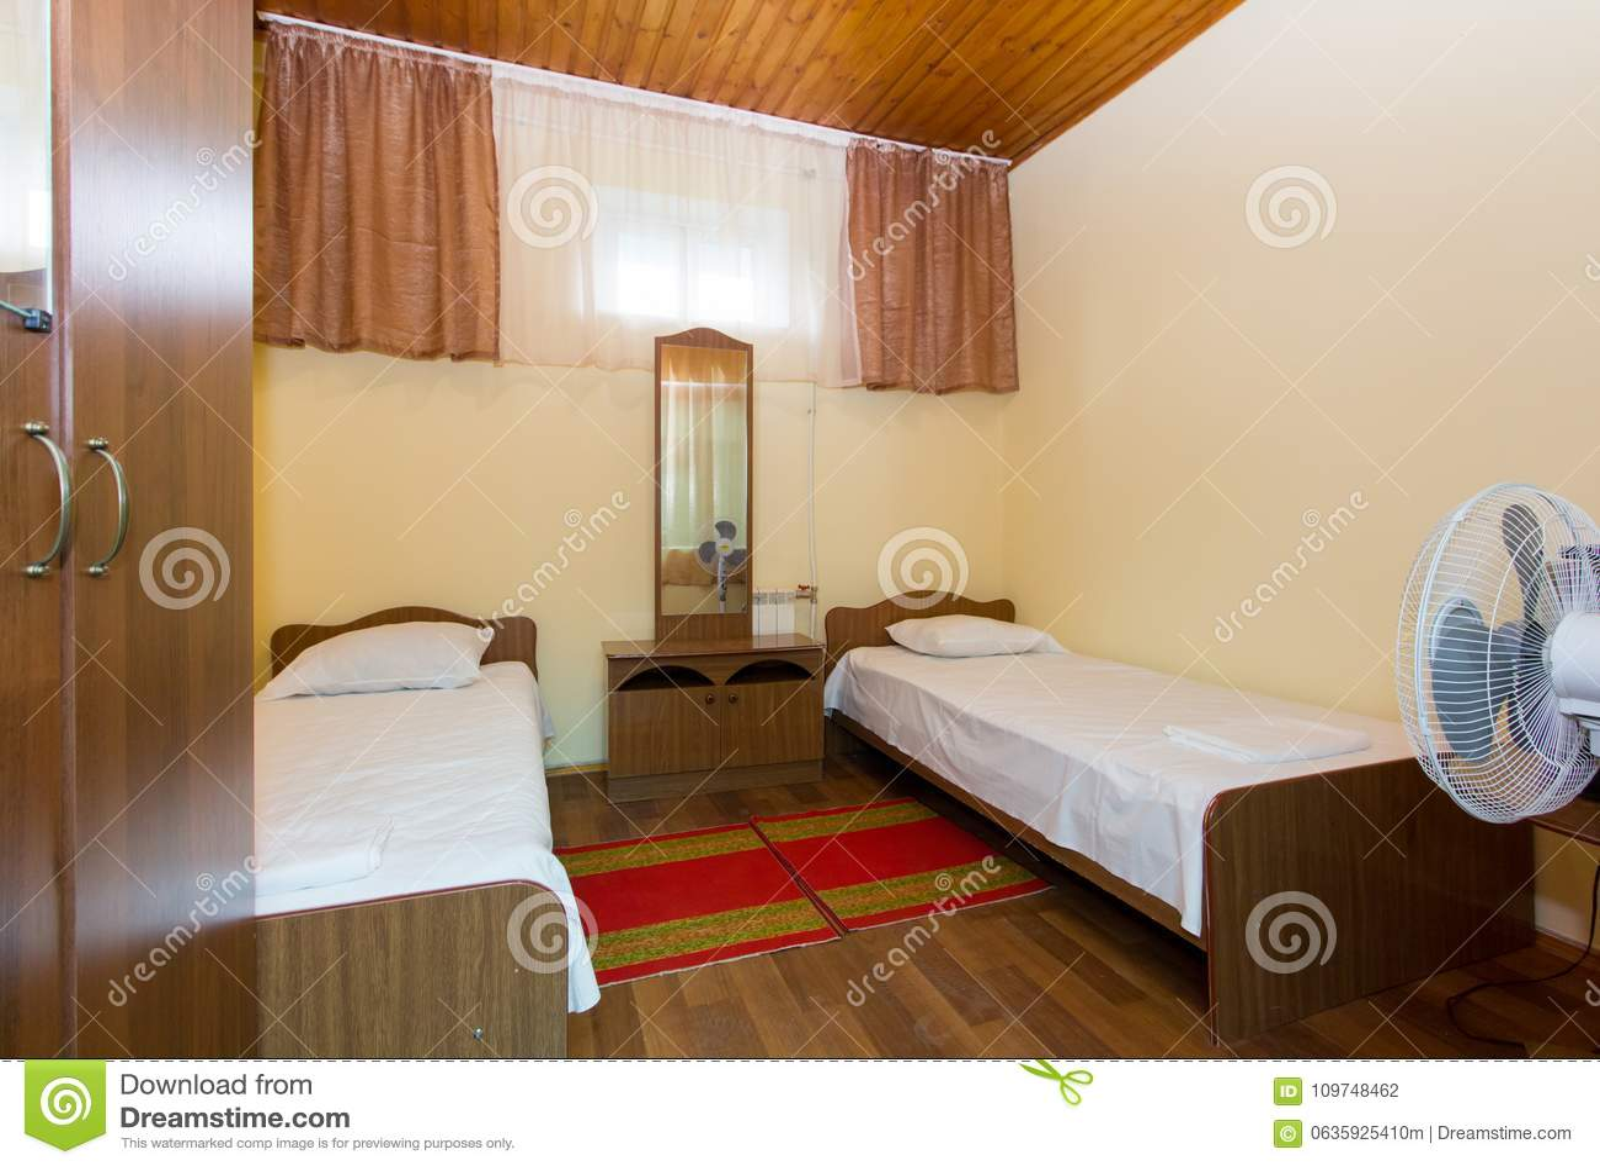 Apartamentos baratos en un hotel